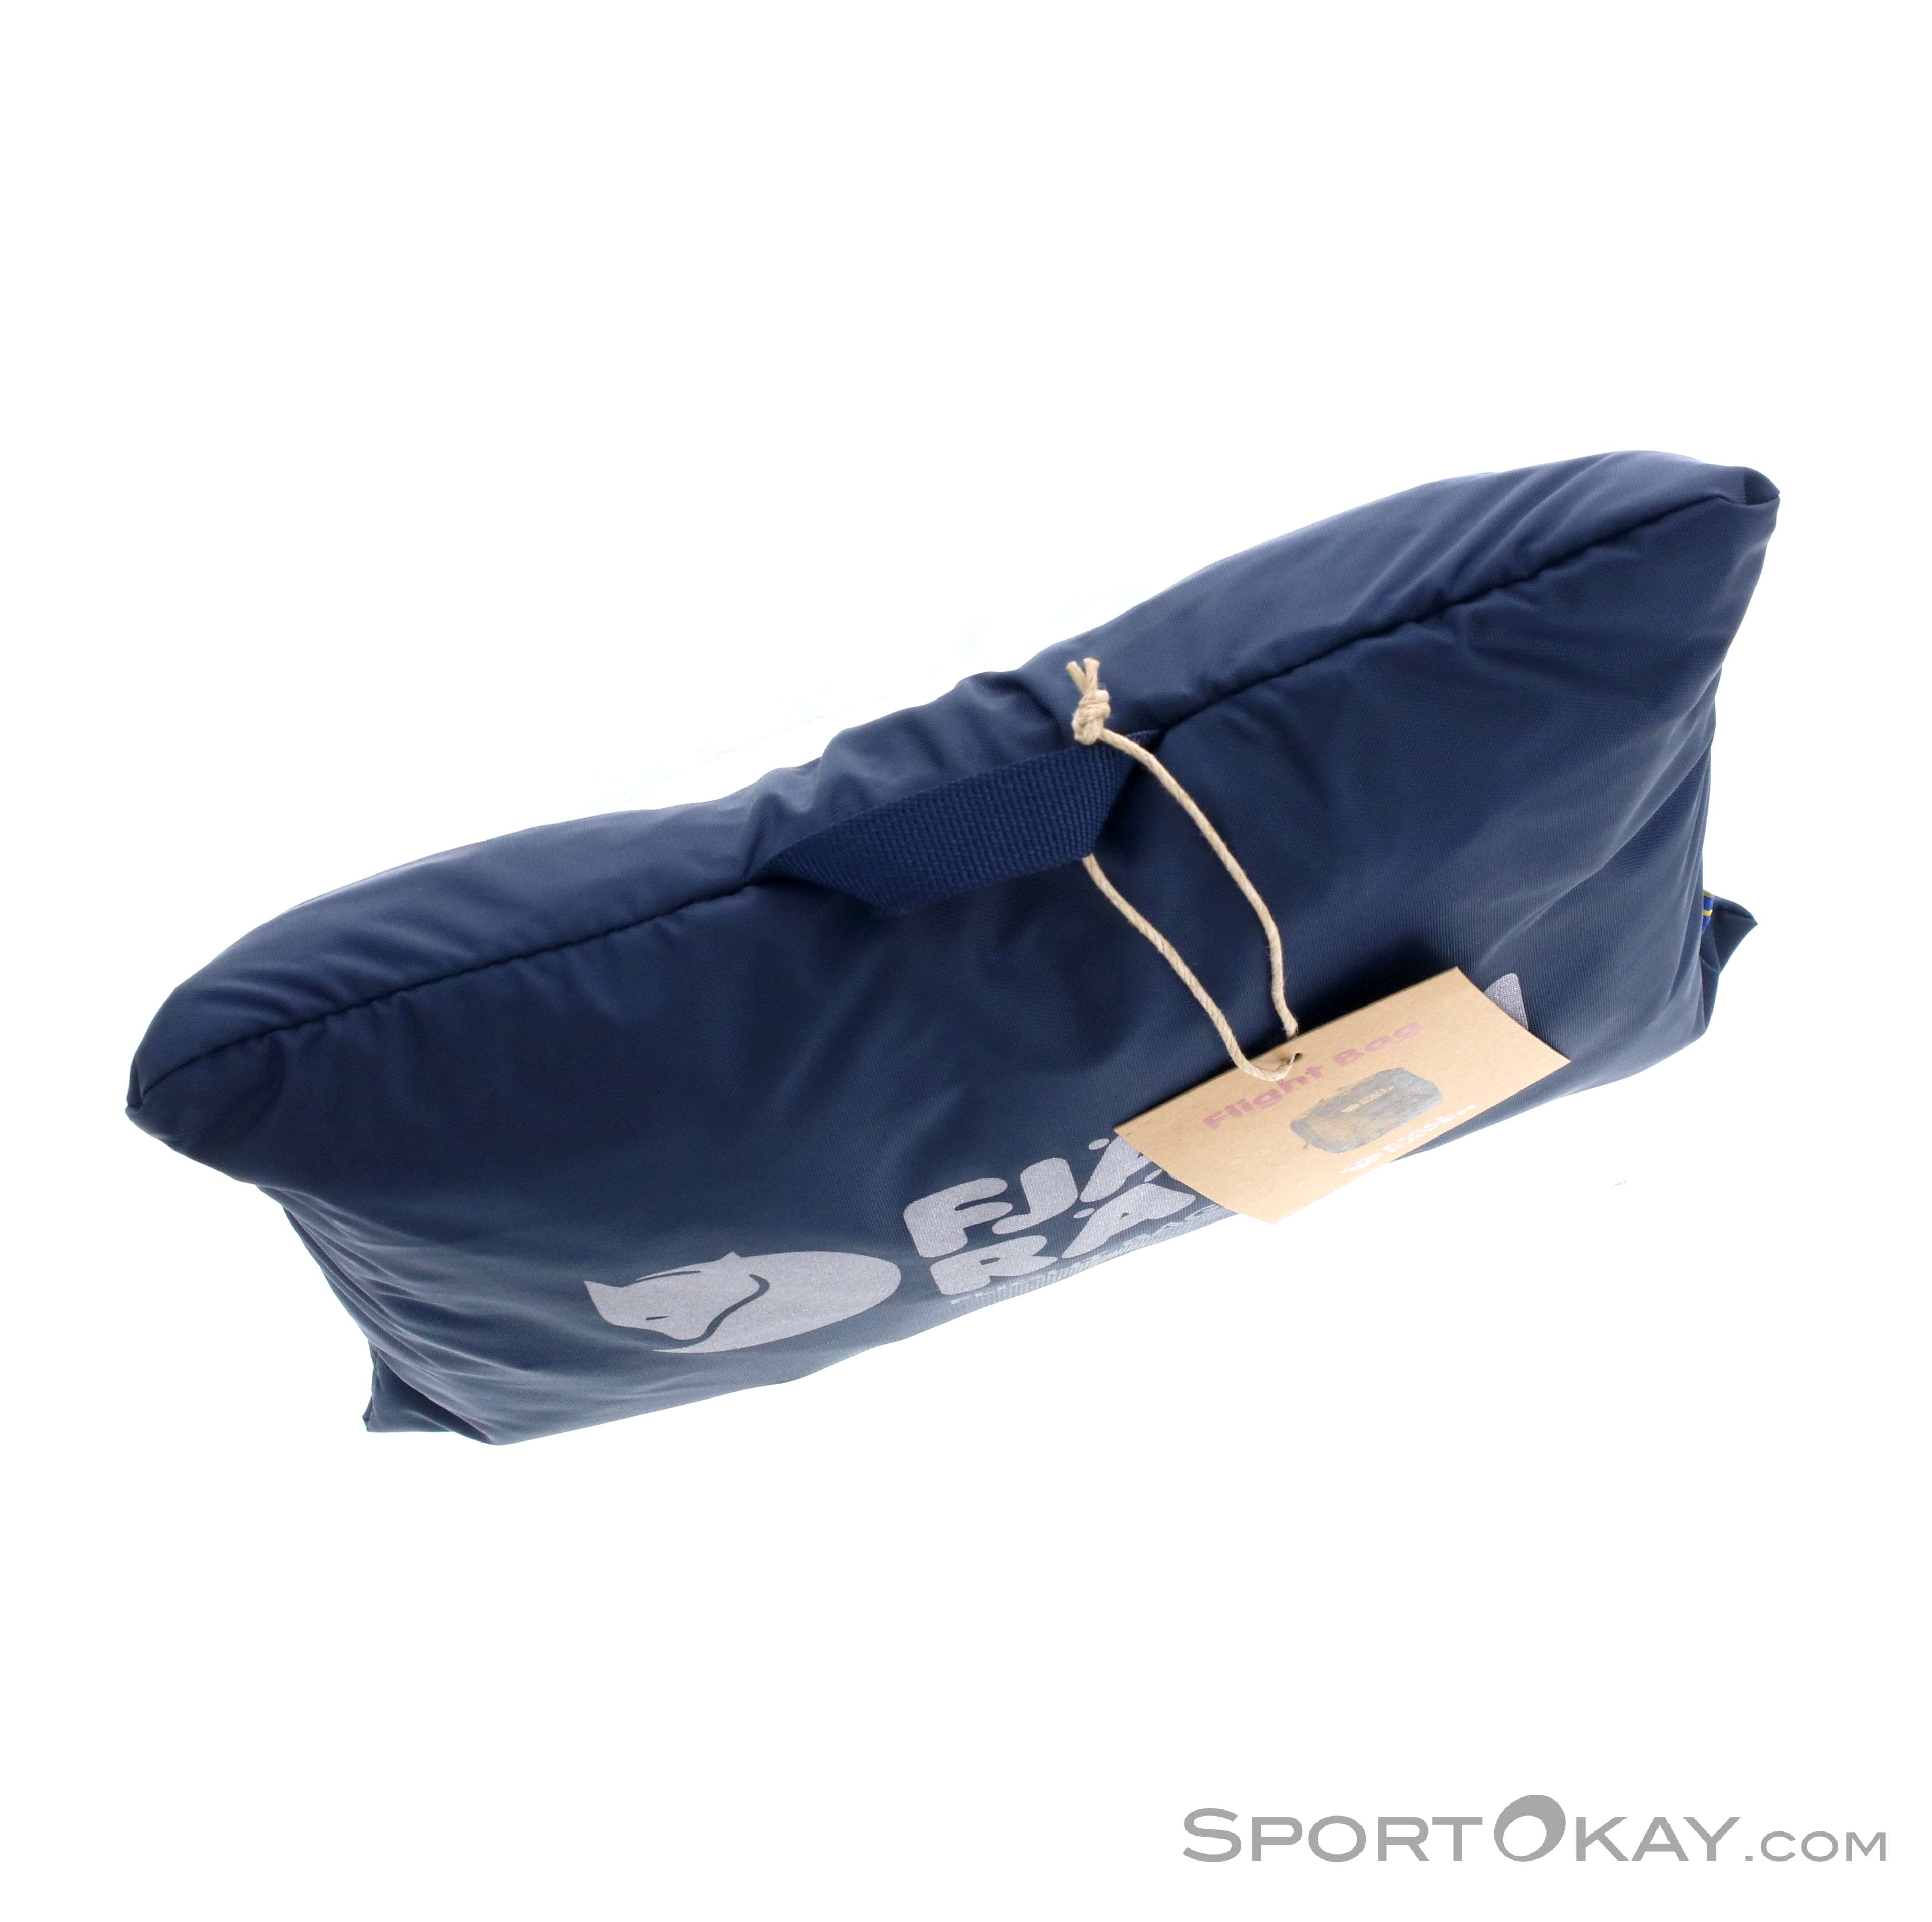 52e0a316f3 Fjällräven Flight Bag 50-65l Rain Cover - Backpacks - Backpacks ...